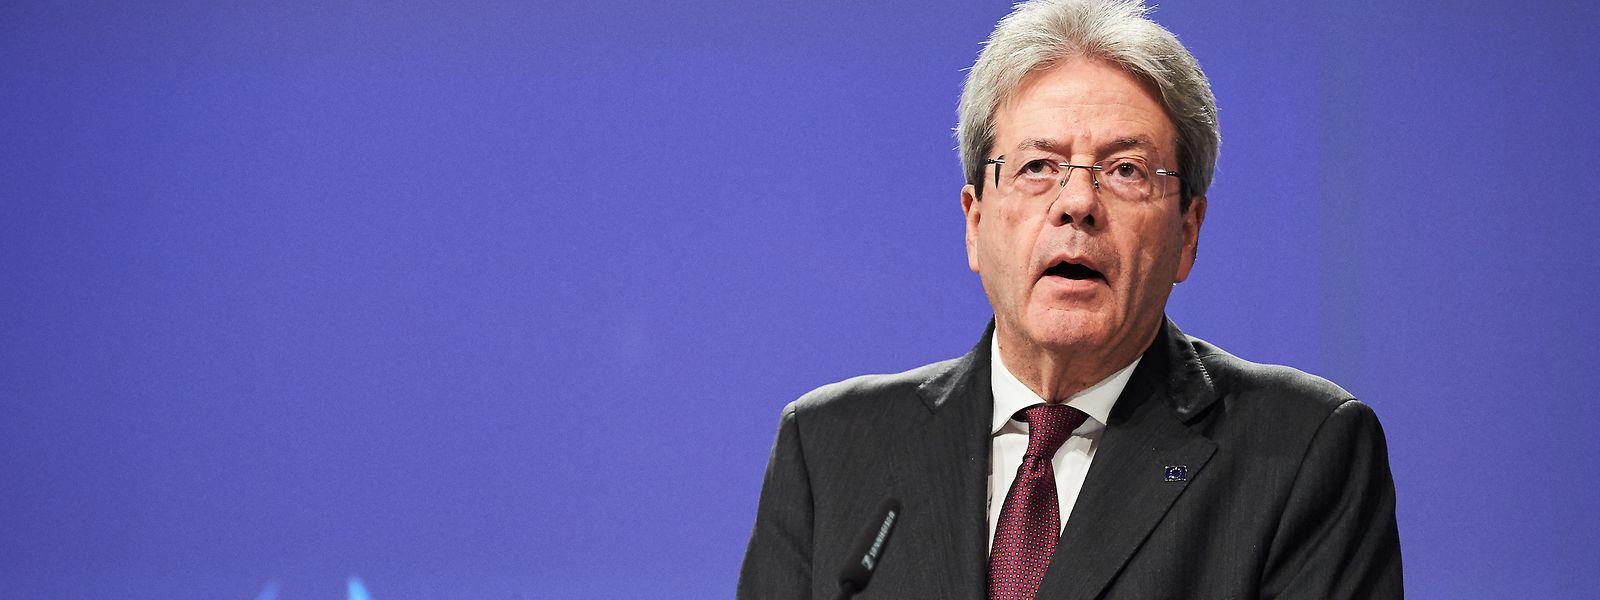 EU-Steuerkommissar Paolo Gentiloni sieht die Zeit gekommen für eine EU-weite Harmonisierung der Unternehmensbesteuerung.